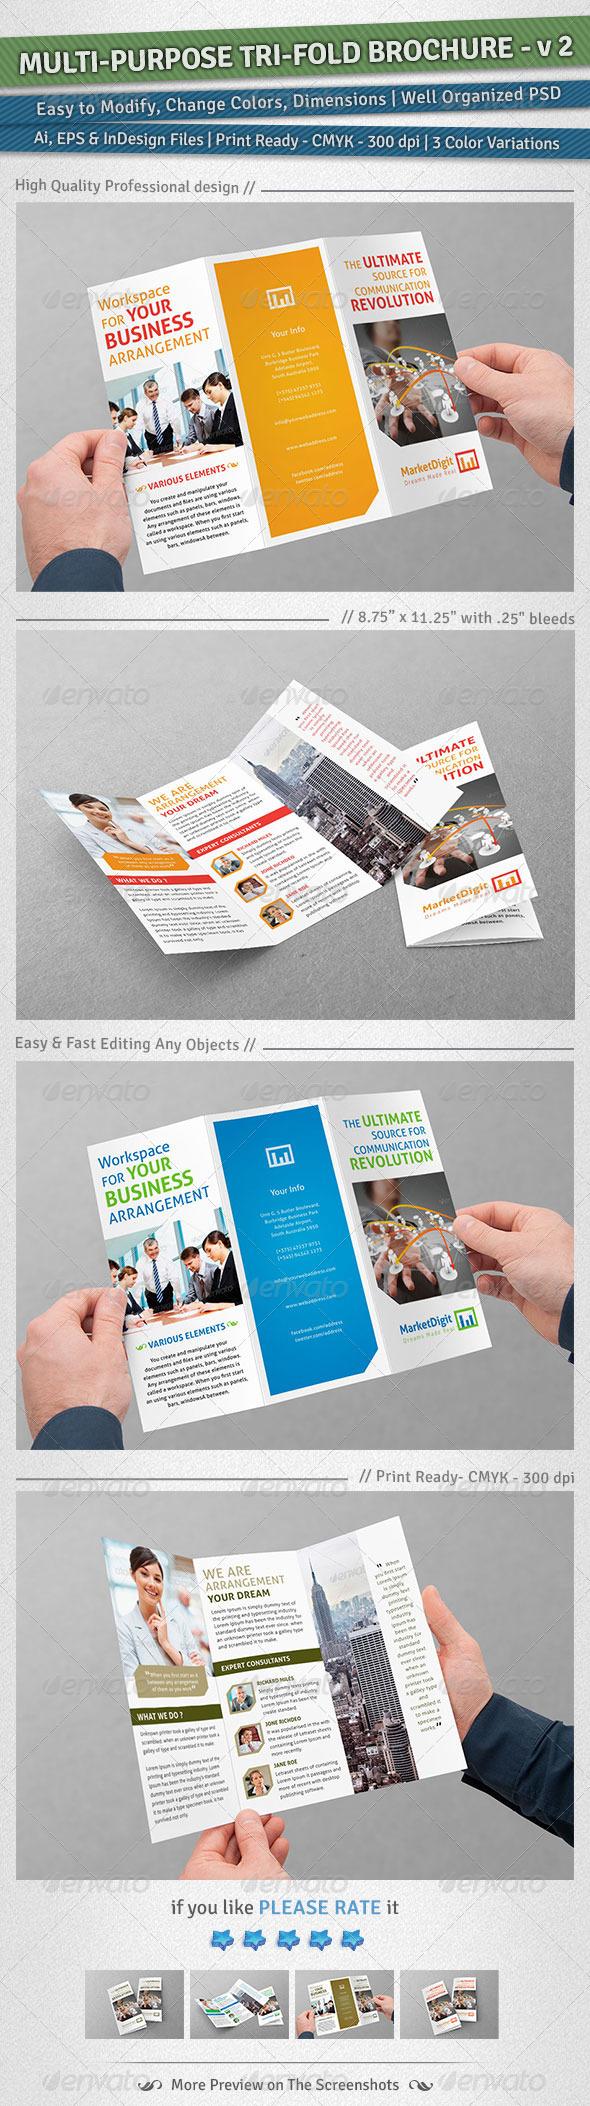 GraphicRiver Multi-Purpose Tri-Fold Brochure Volume 2 4892689